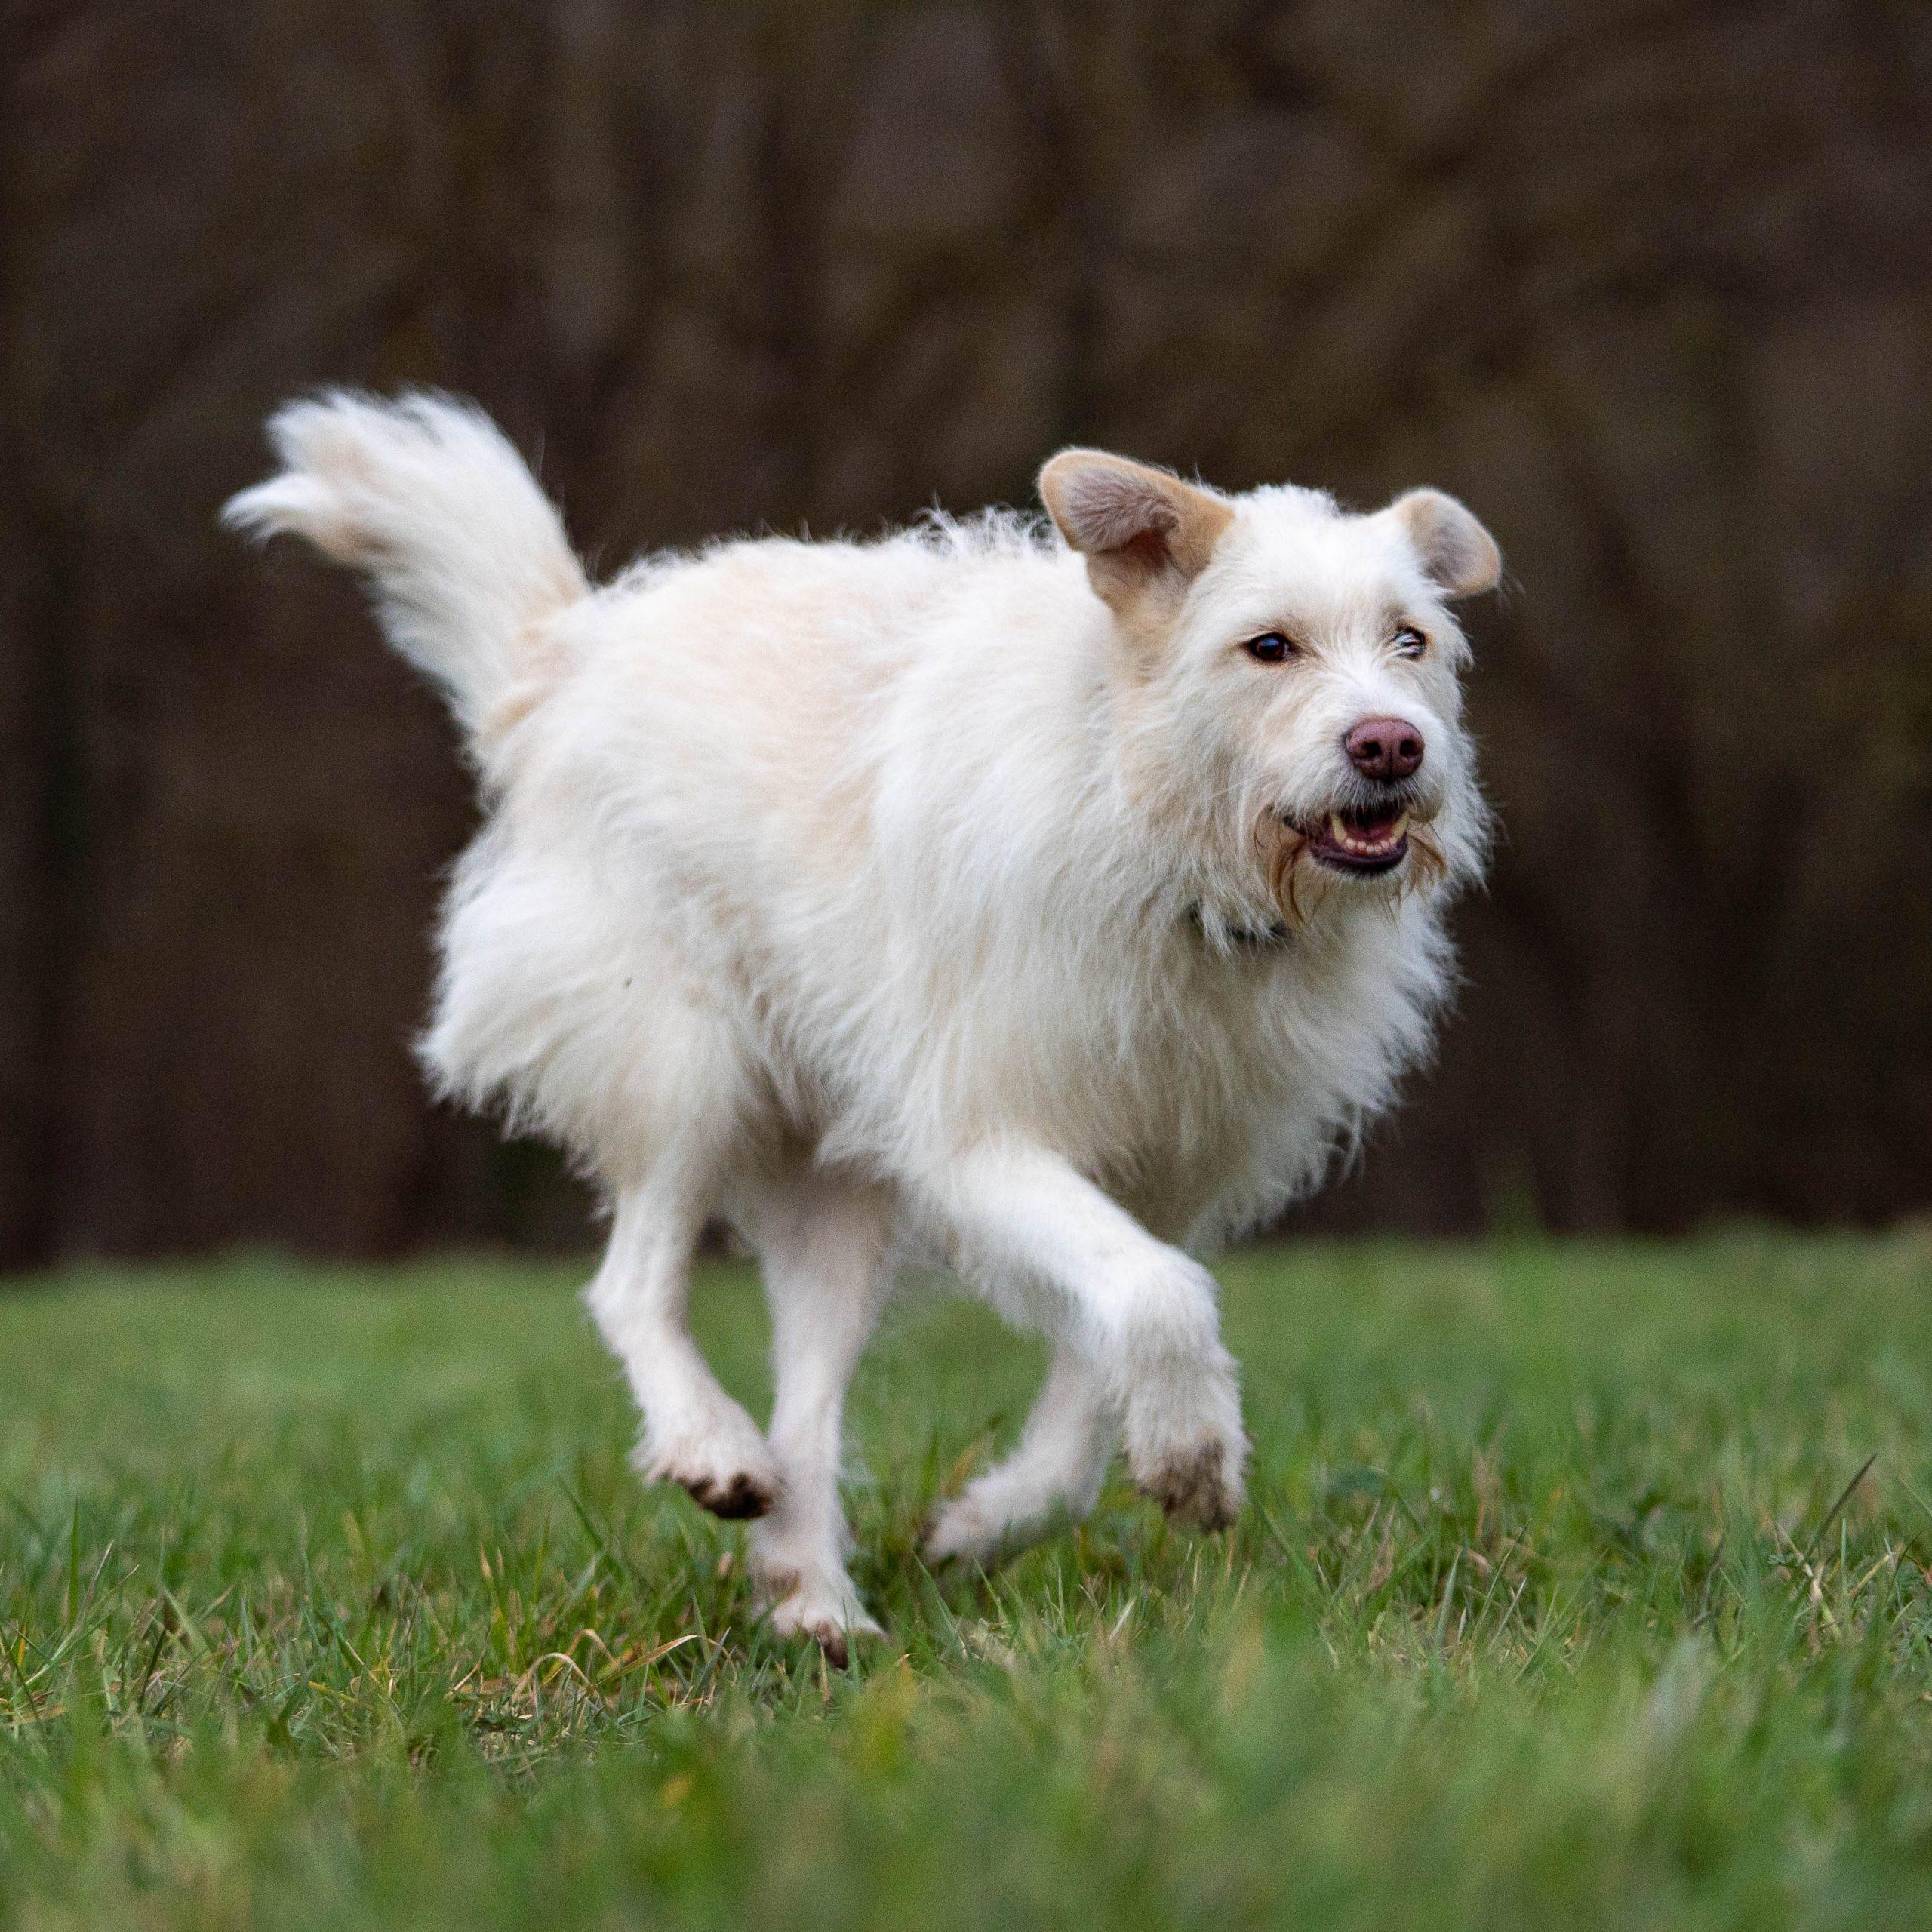 ein Hund rennt entspannt über eine Wiese